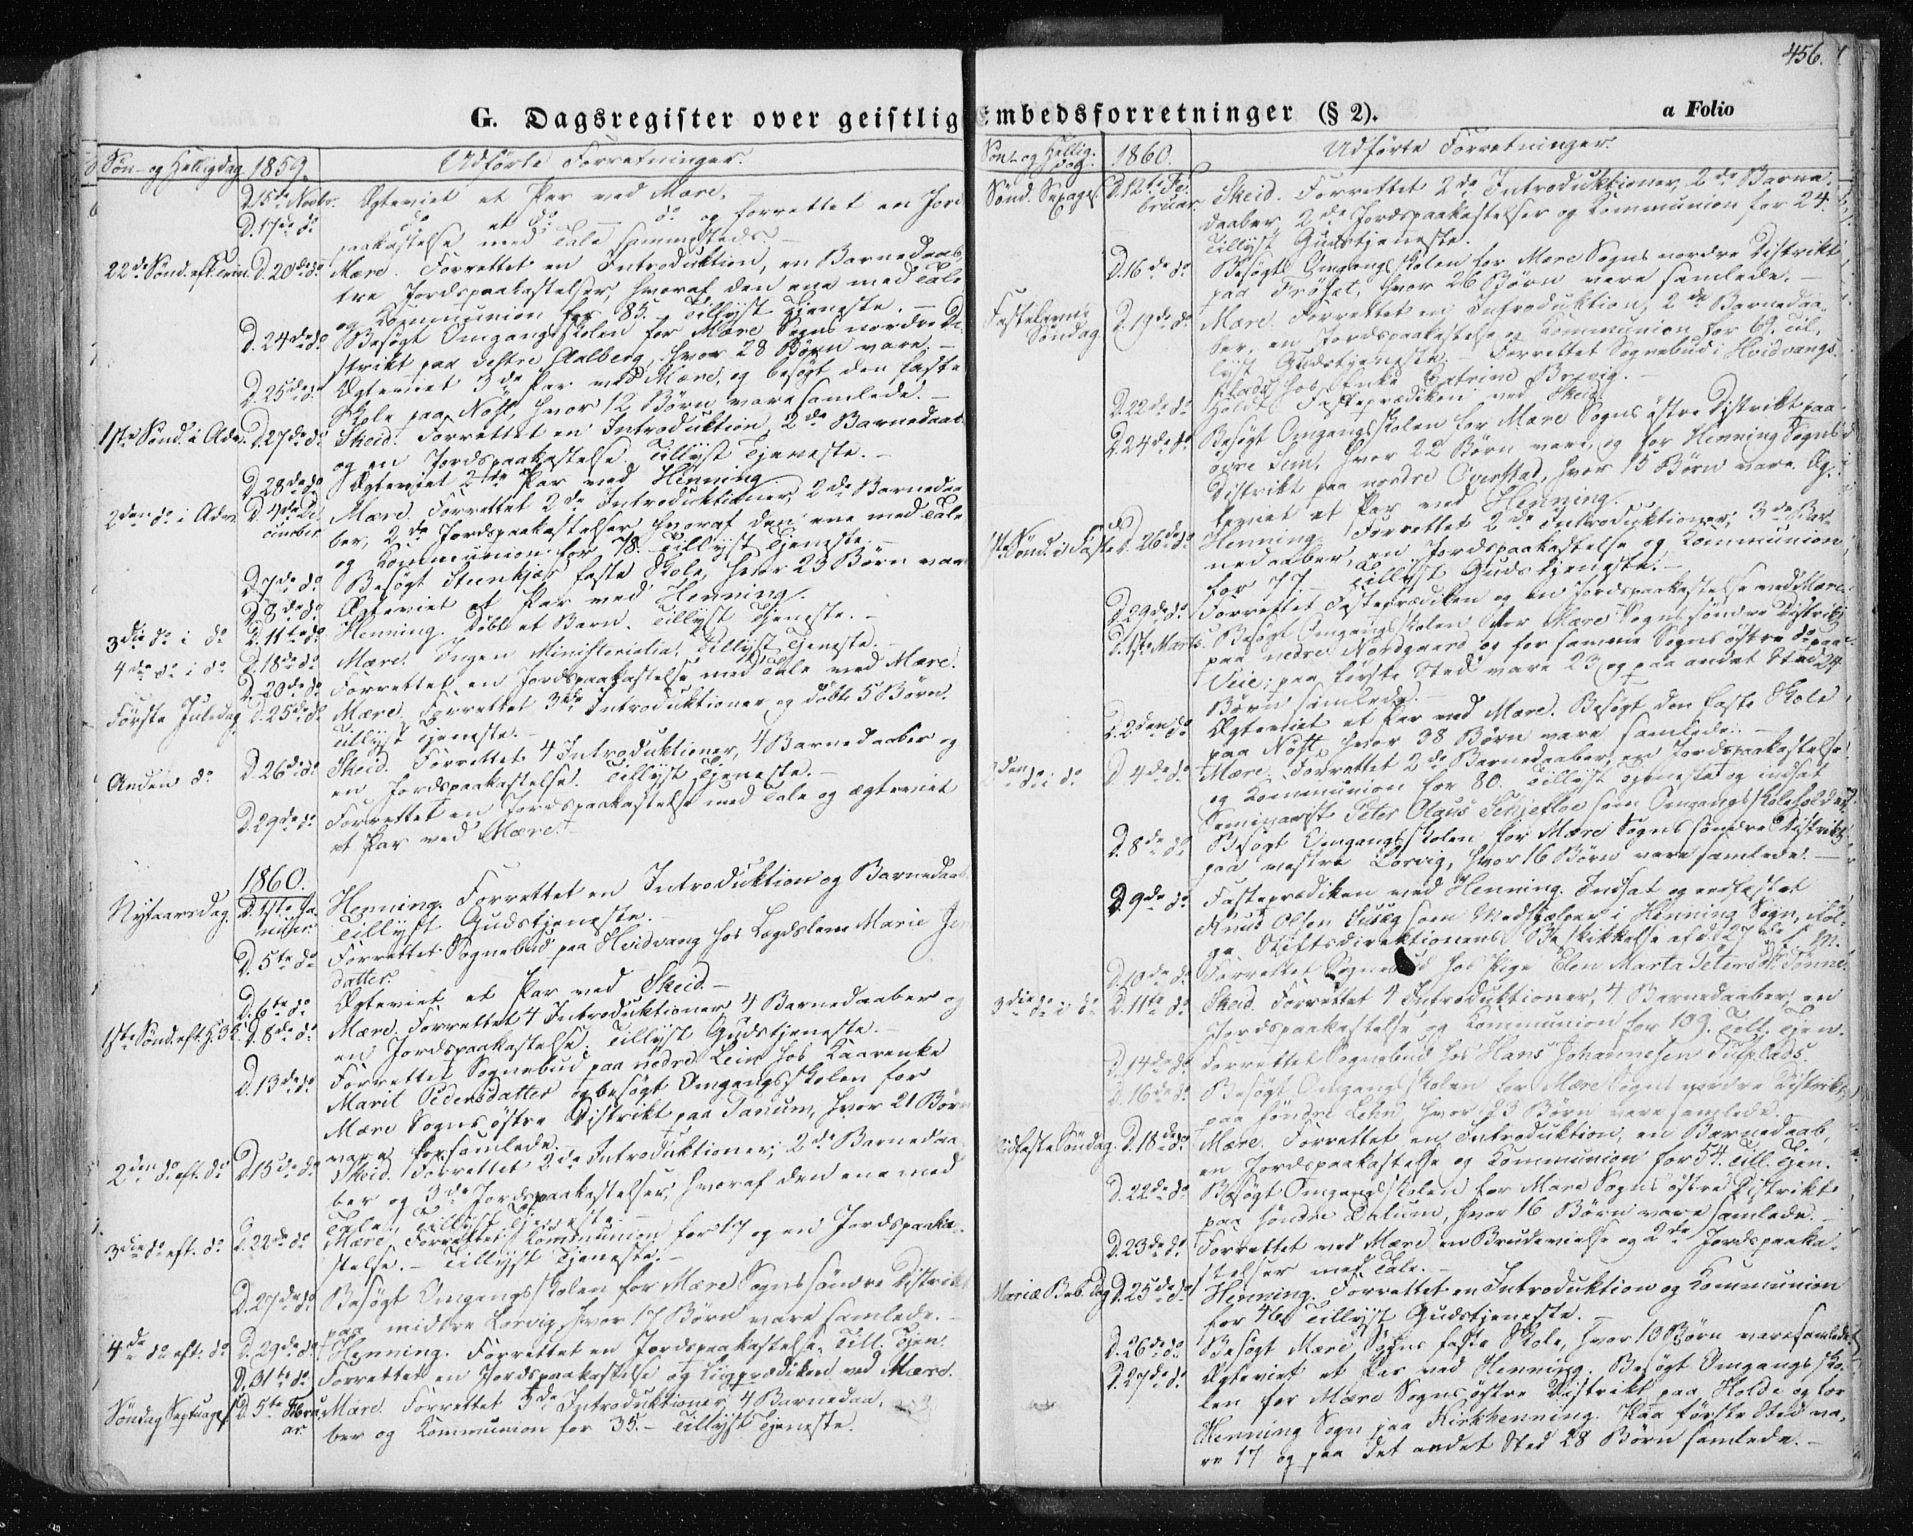 SAT, Ministerialprotokoller, klokkerbøker og fødselsregistre - Nord-Trøndelag, 735/L0342: Ministerialbok nr. 735A07 /1, 1849-1862, s. 456